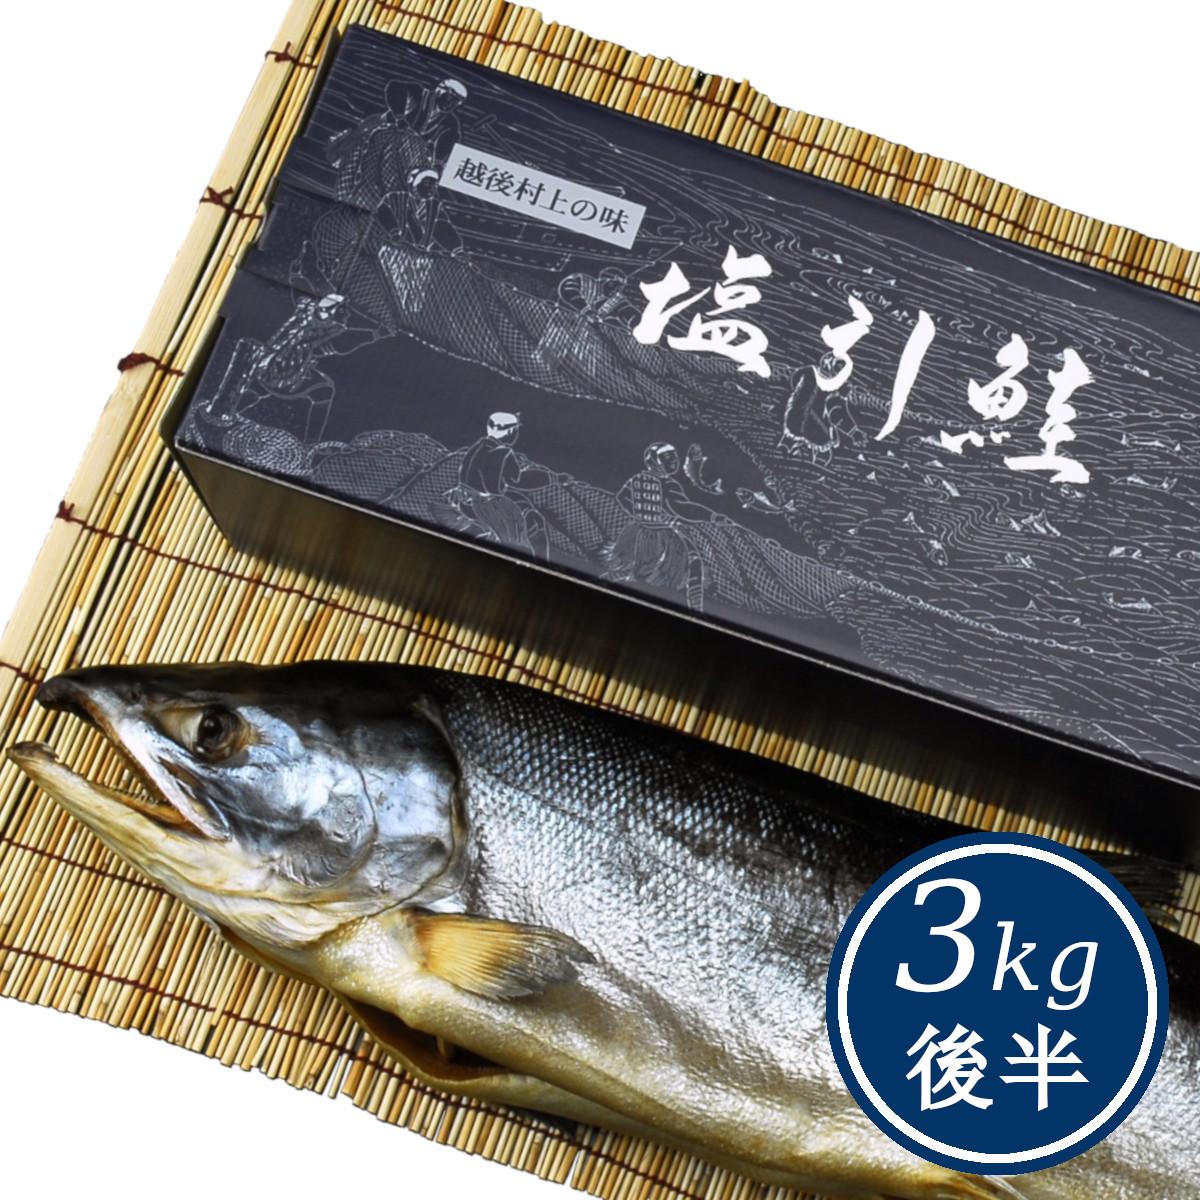 塩引鮭(塩引き鮭)一尾物3kg後半